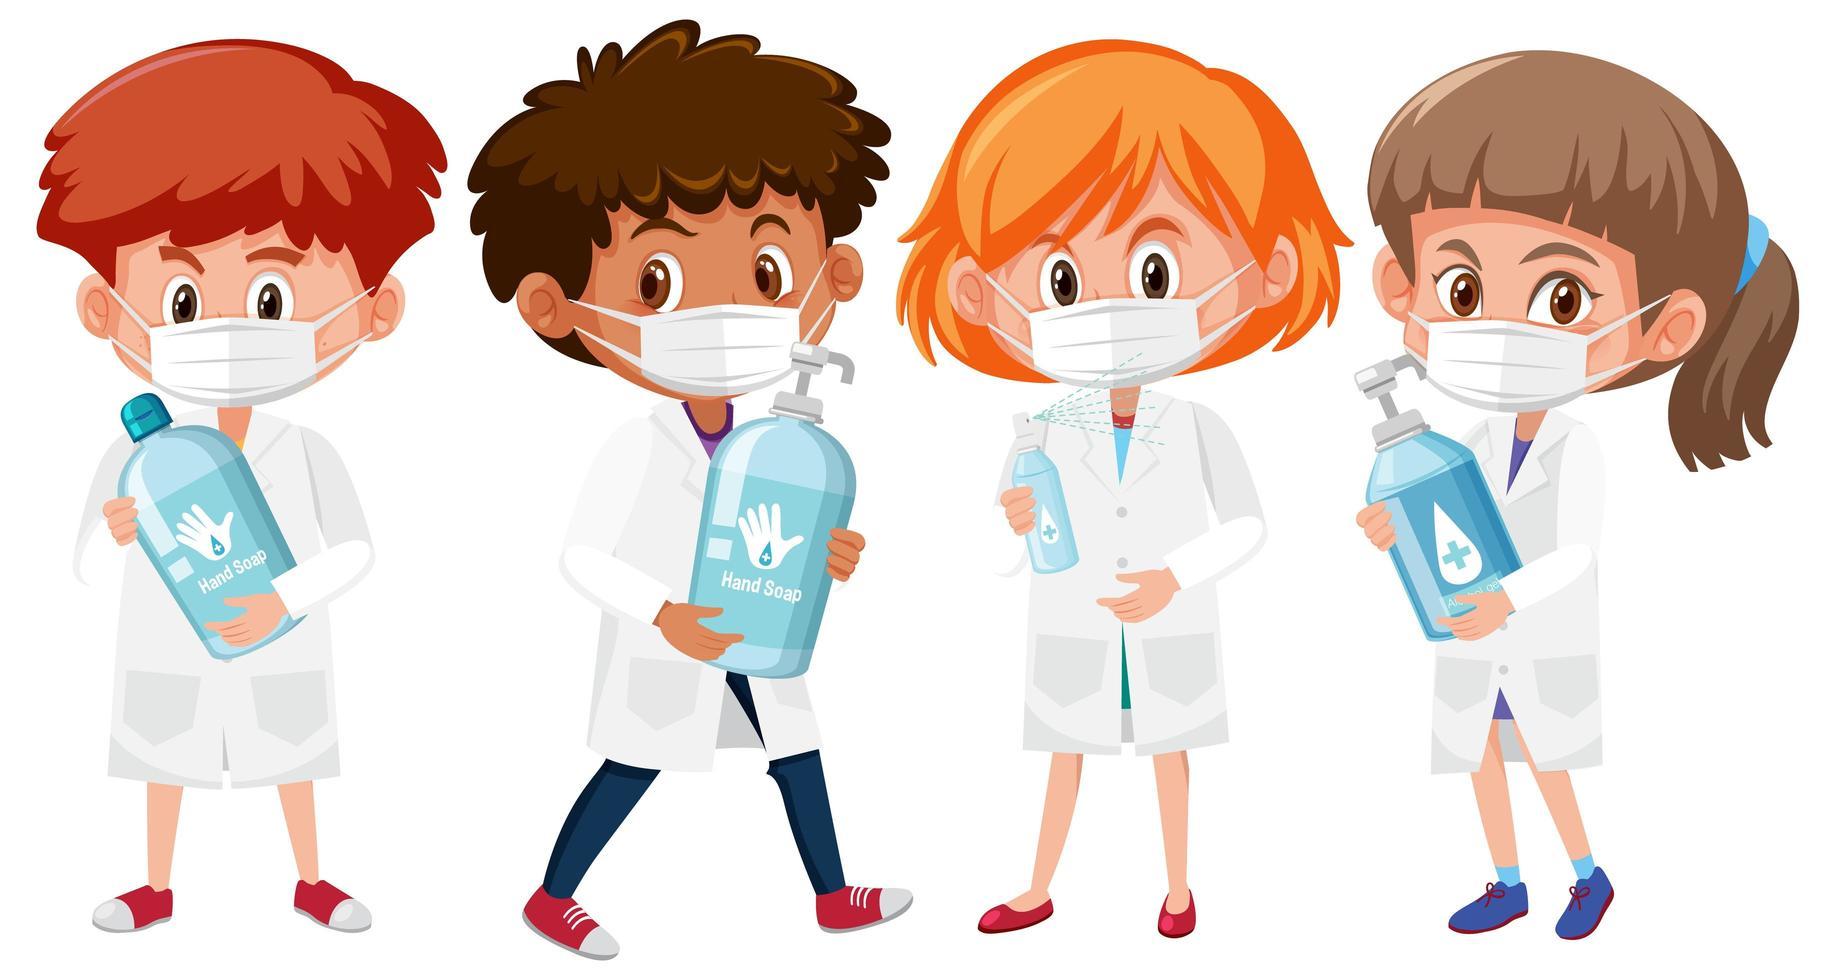 uppsättning barn i läkare klädsel håller hand desinfektionsmedel vektor